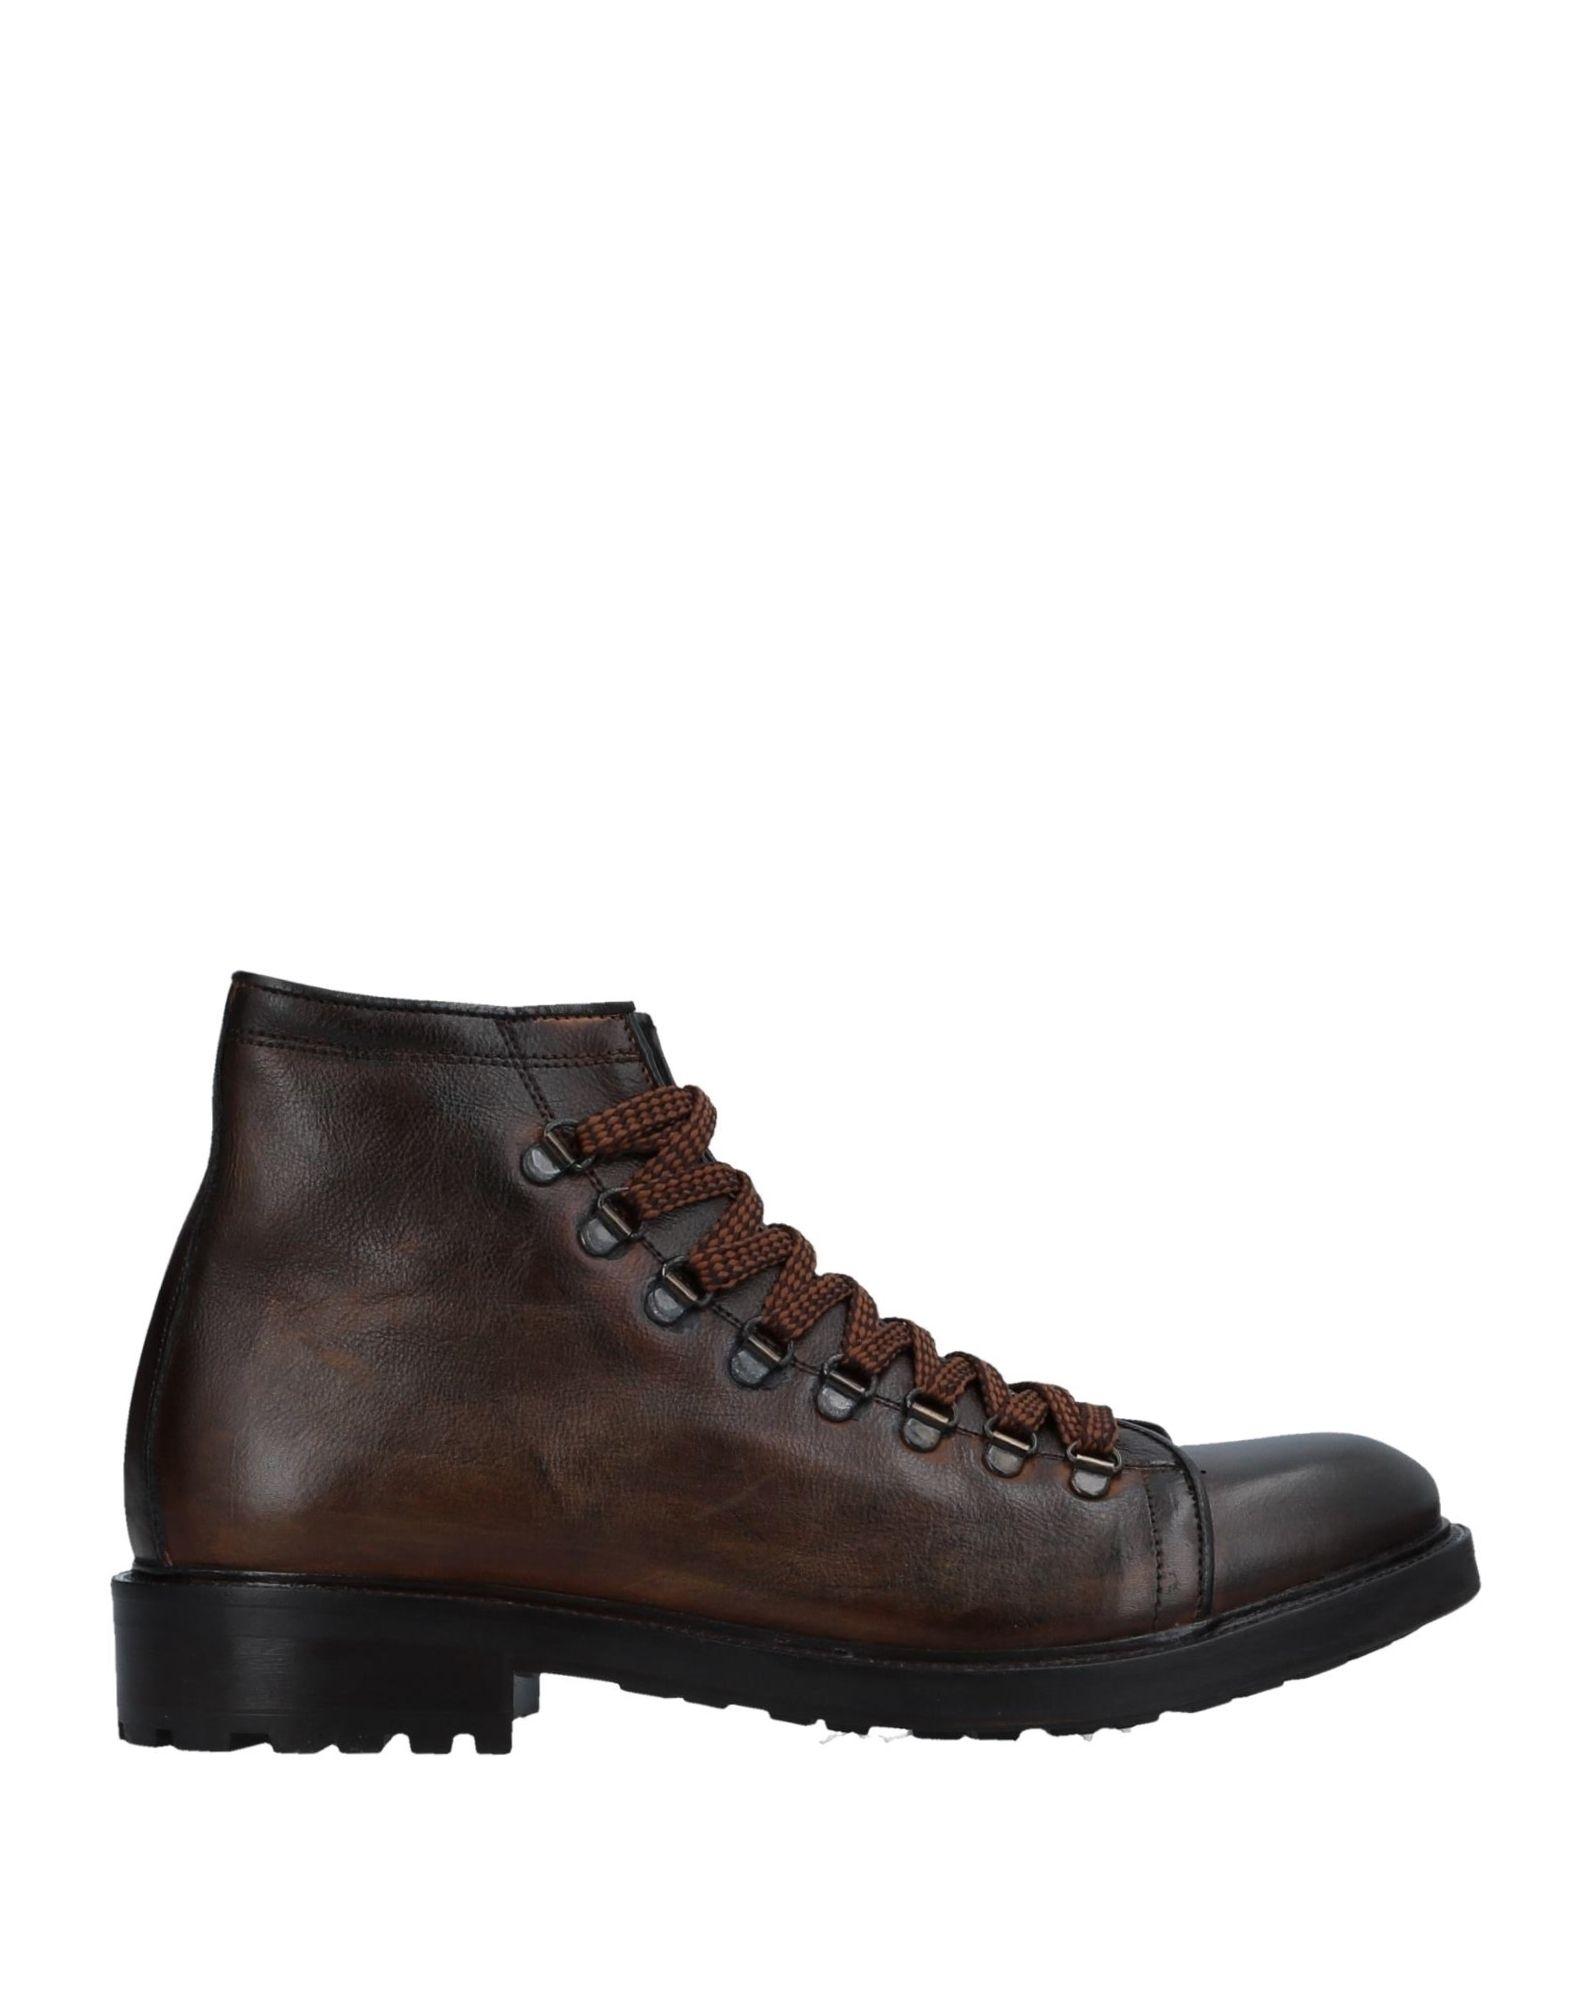 Bagatt Stiefelette Herren  11510077PS Gute Qualität beliebte Schuhe